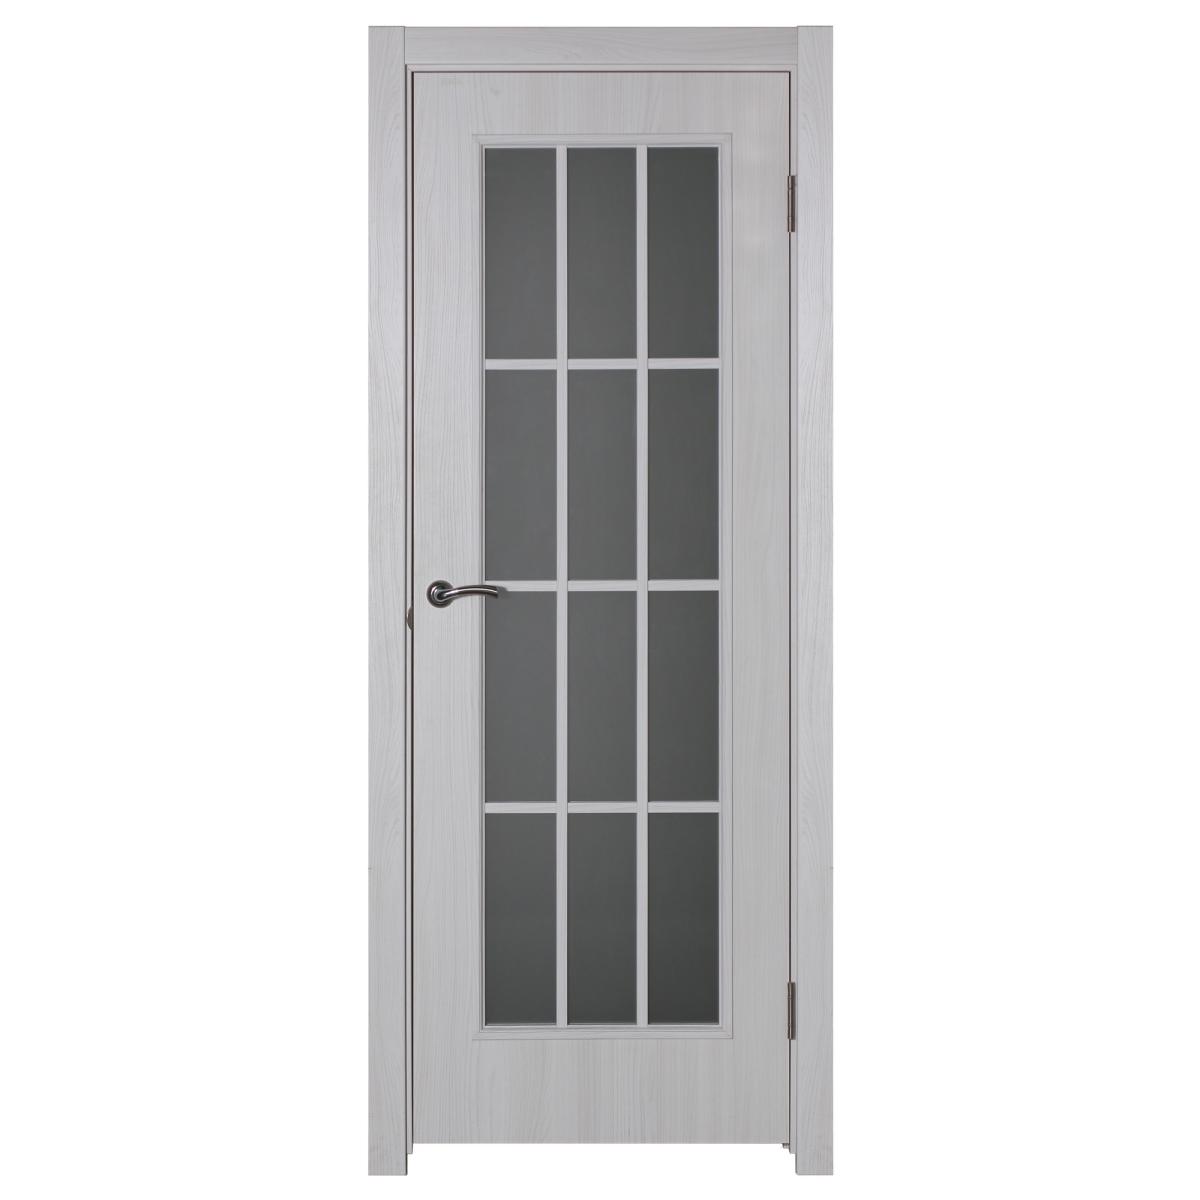 Дверь межкомнатная остеклённая Провенца 70x200 см цвет